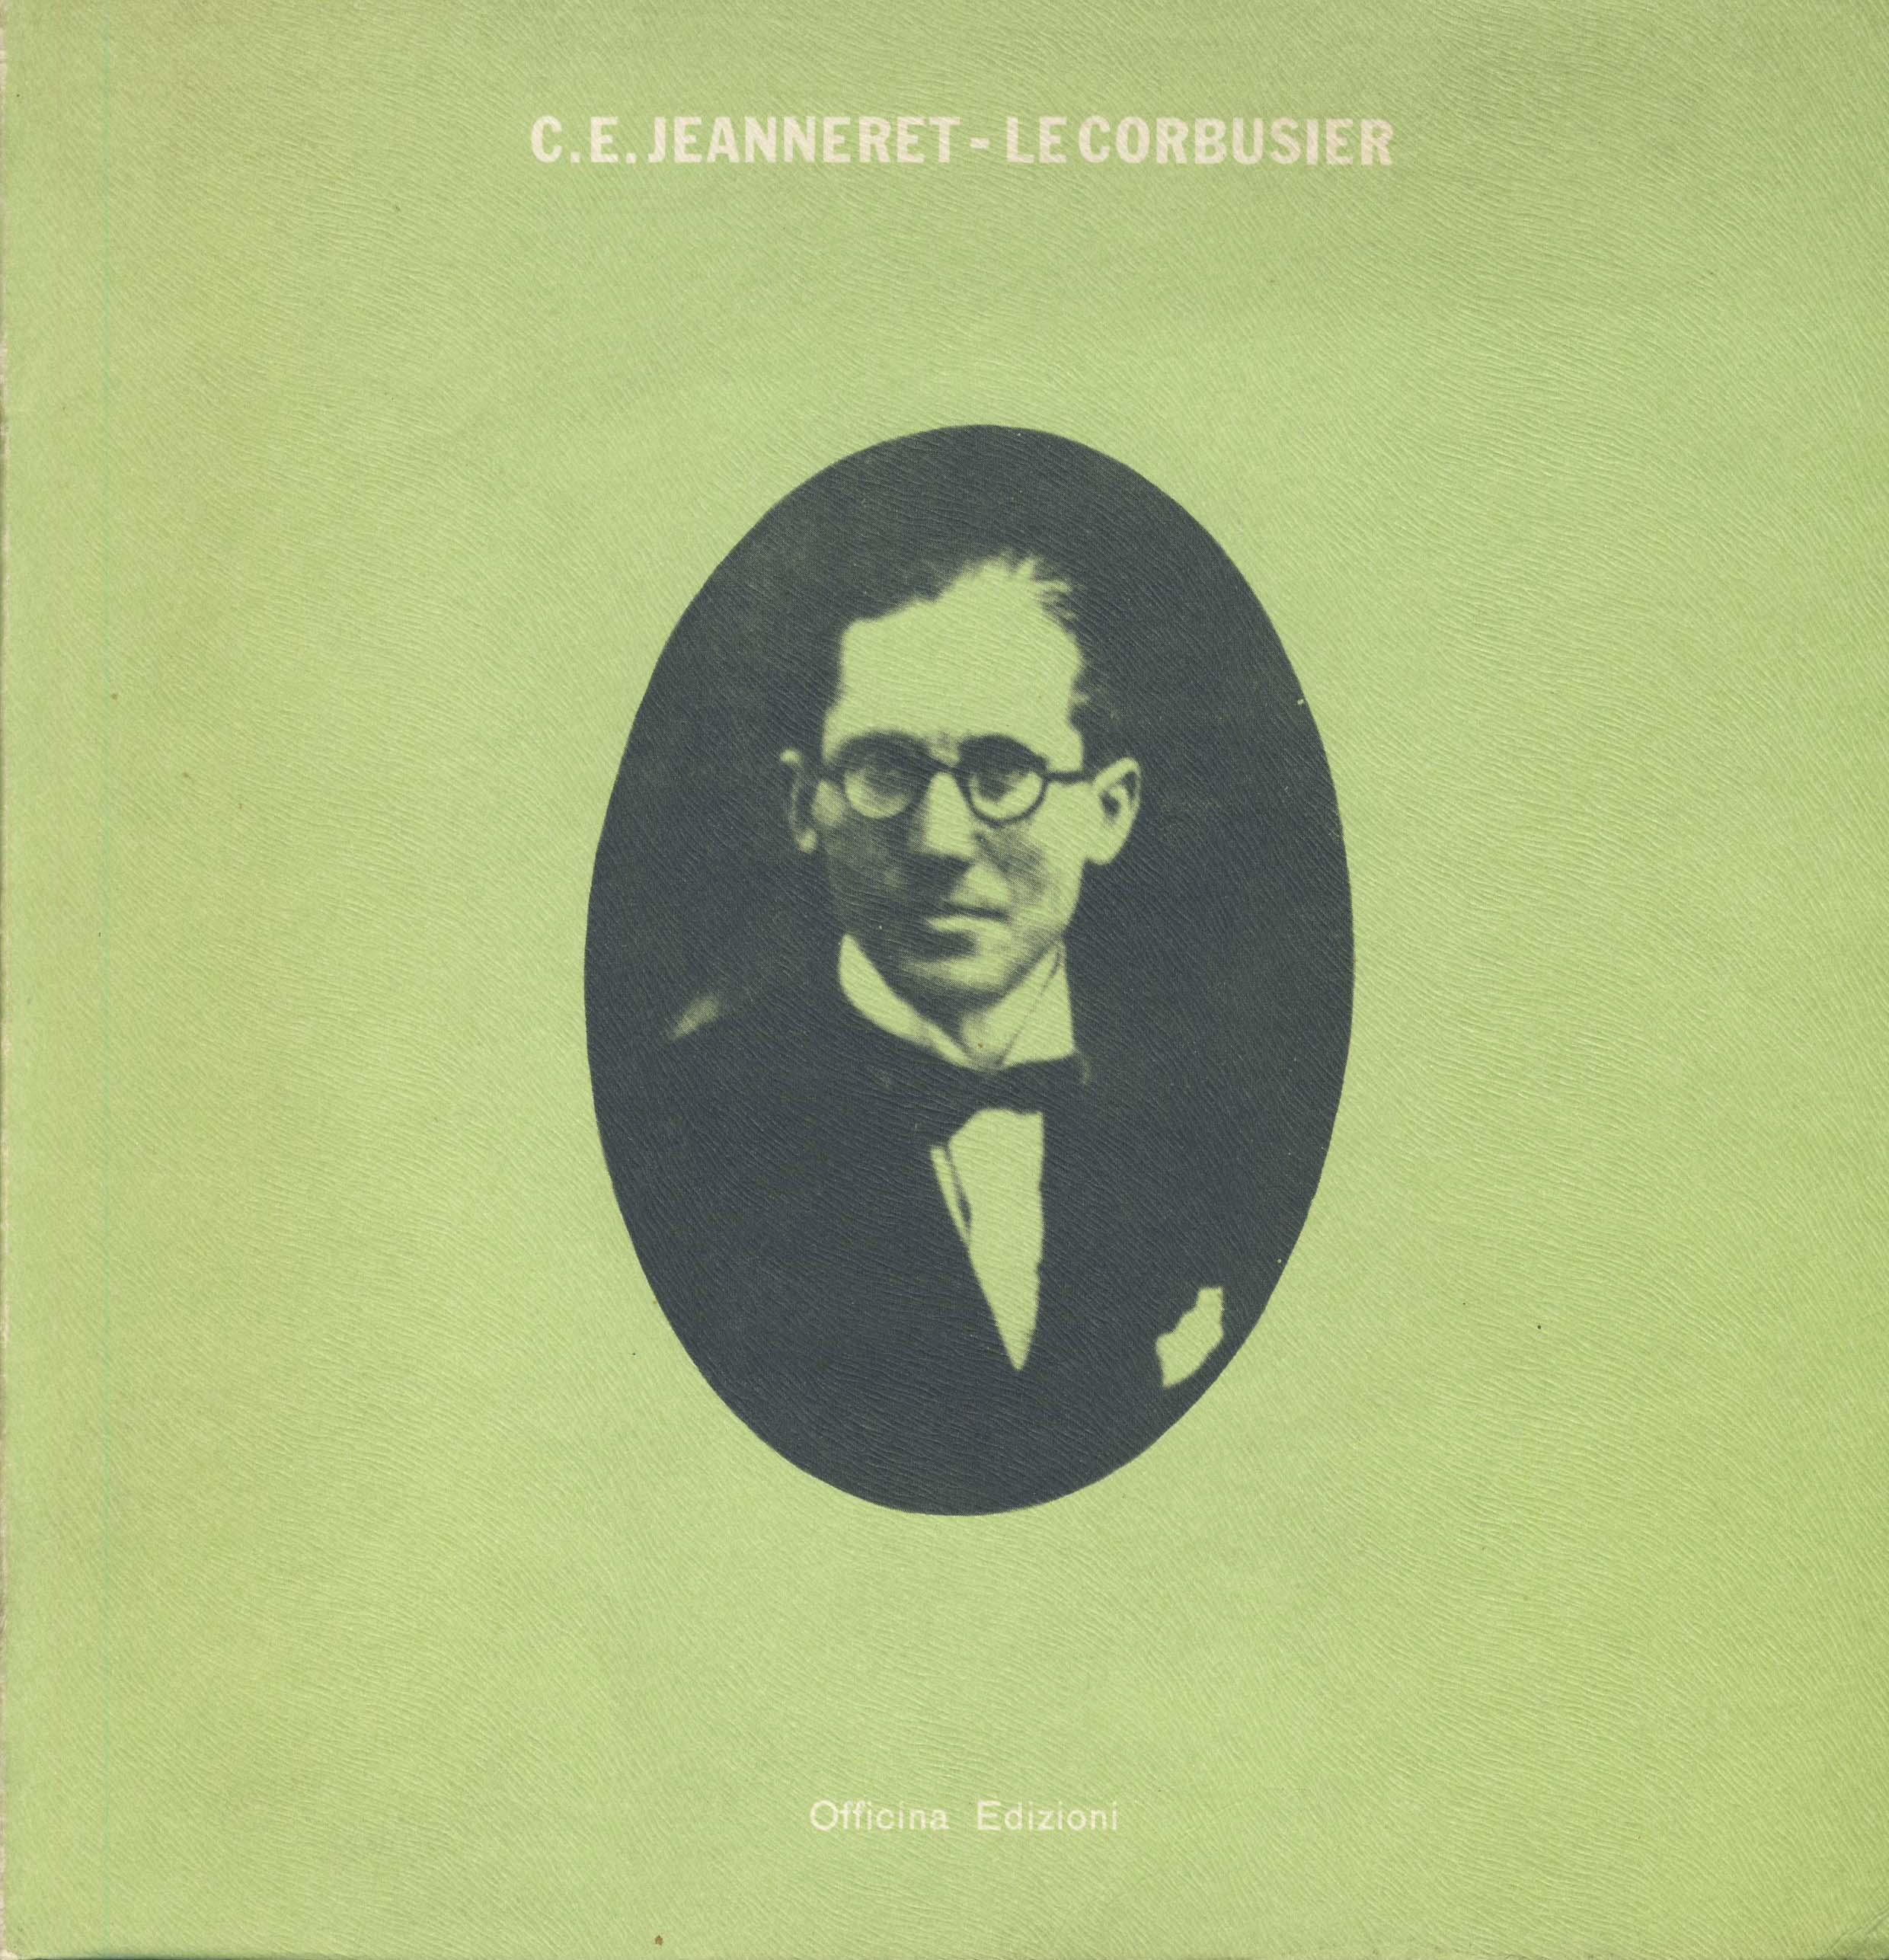 C.E. Jeanneret - Le Corbusier